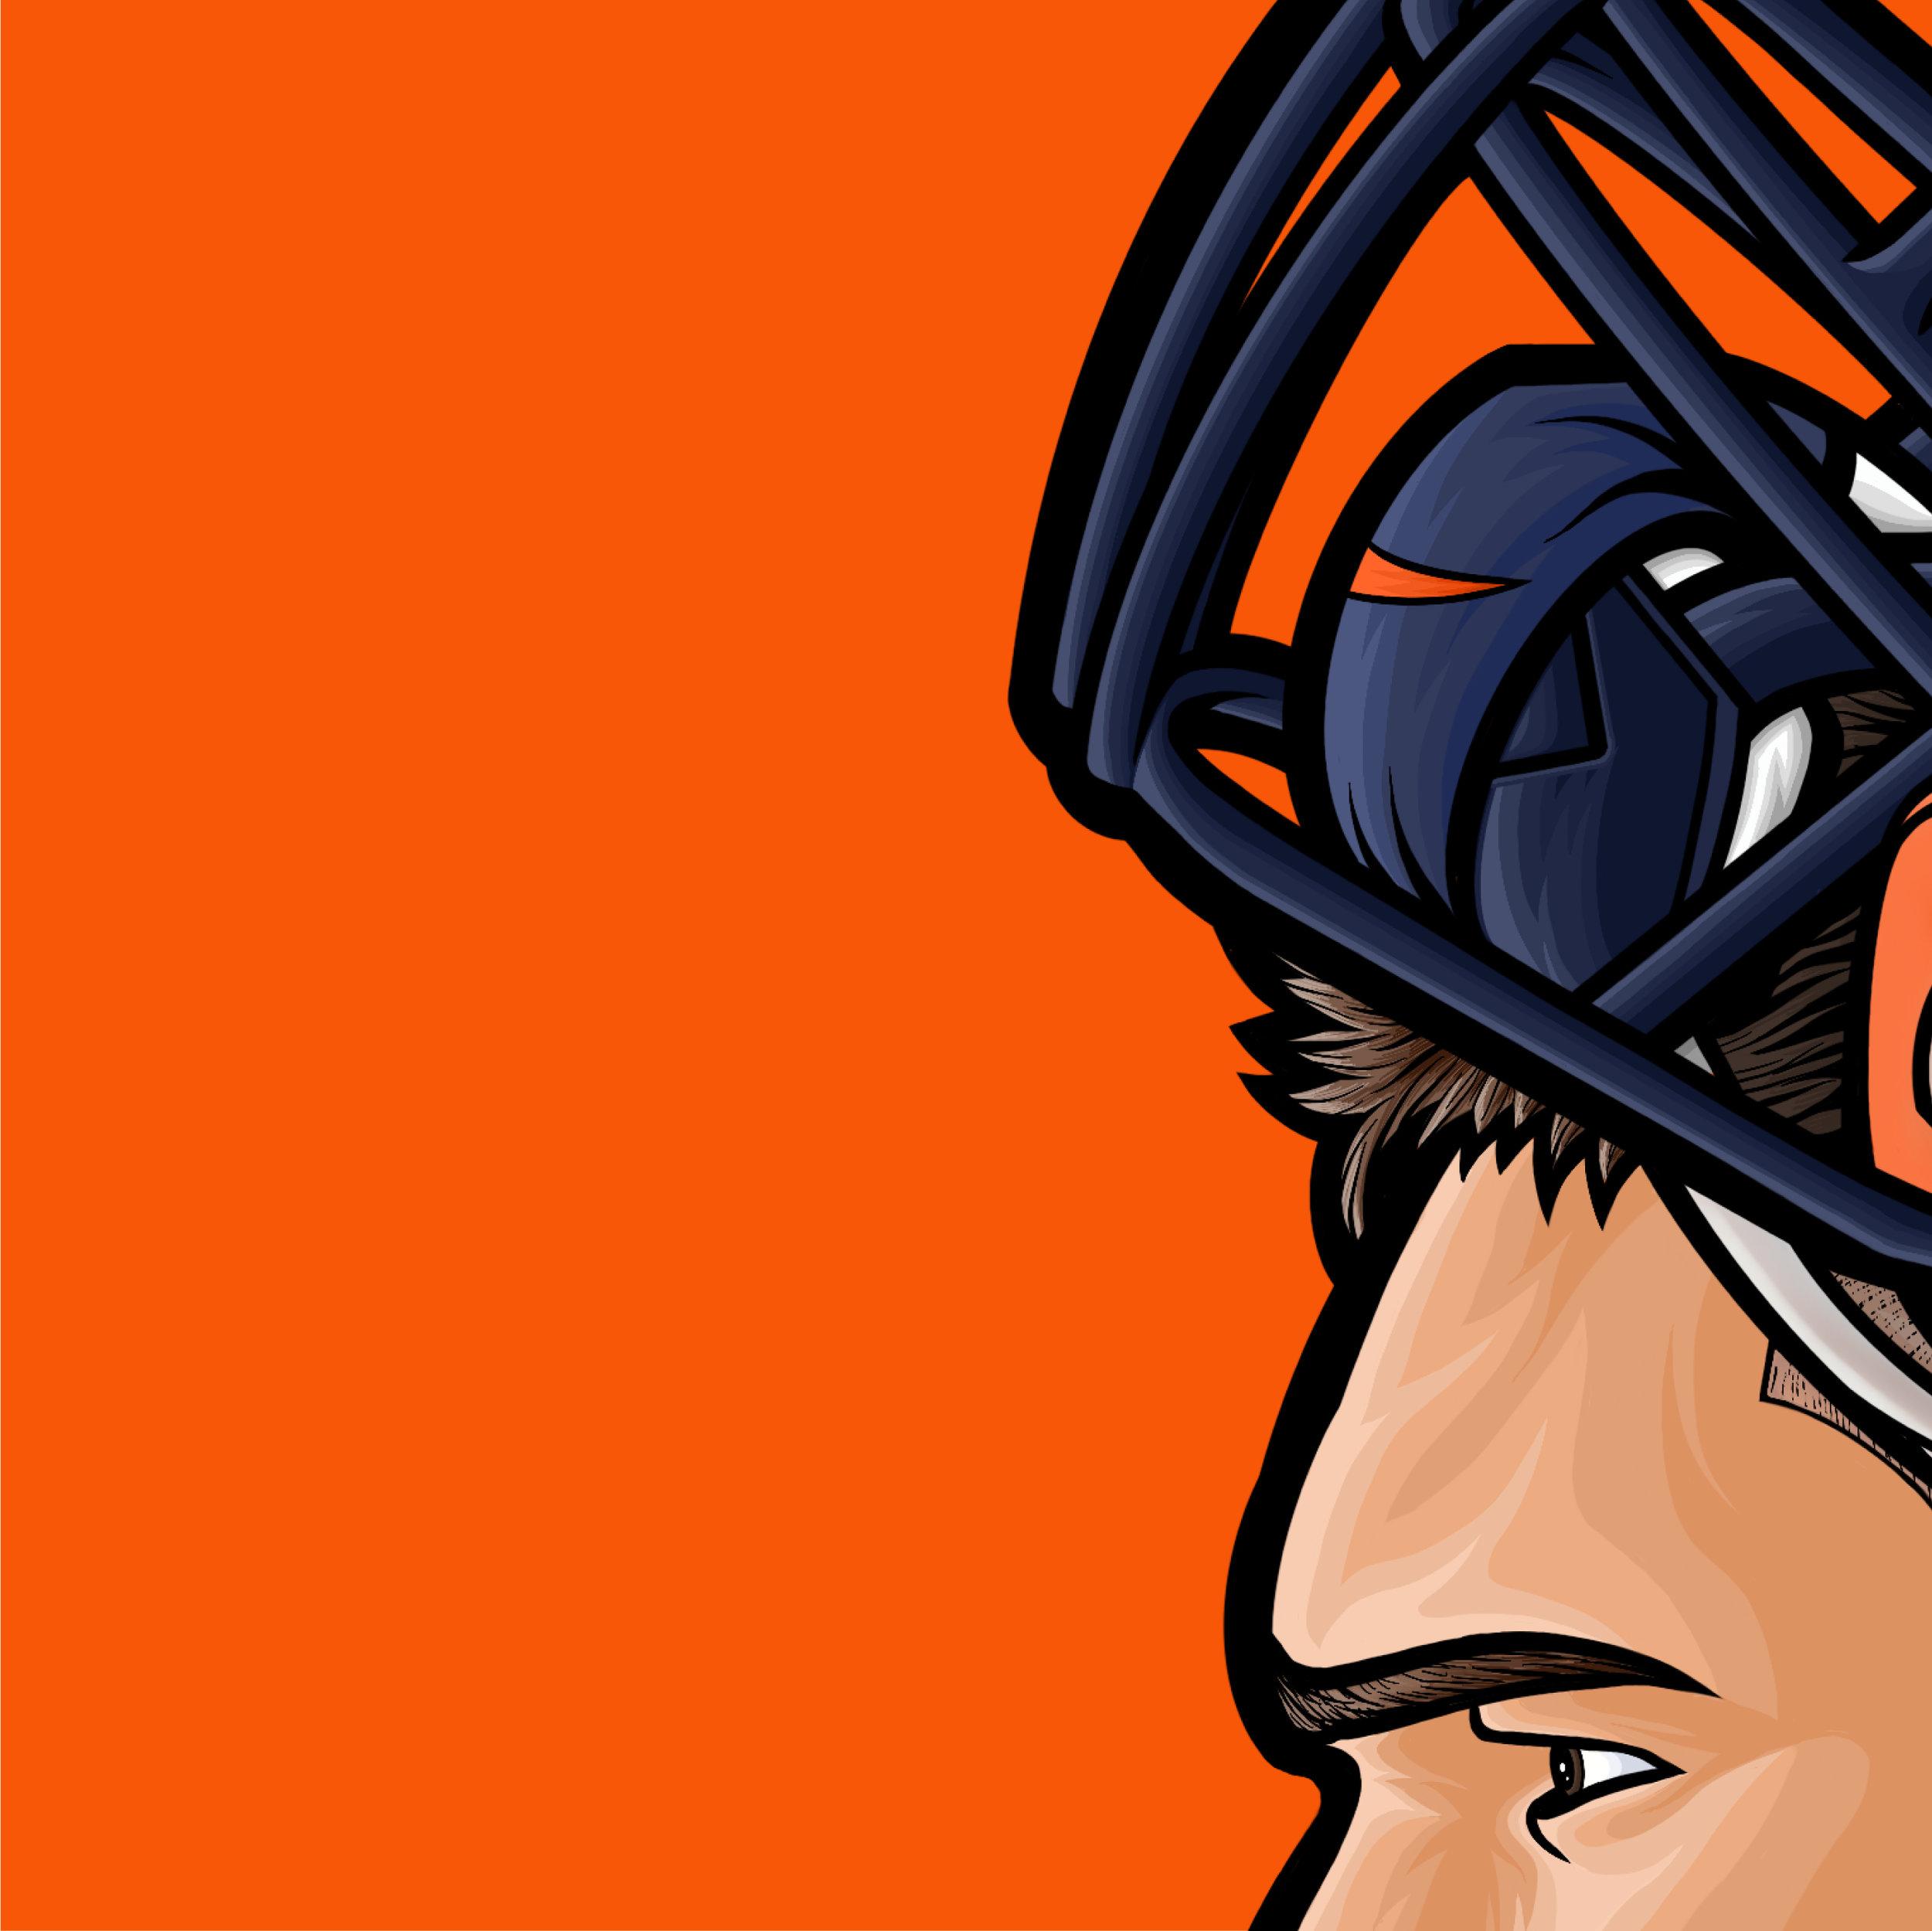 ODS-NCAA-Illinois-MikeE_6.jpg